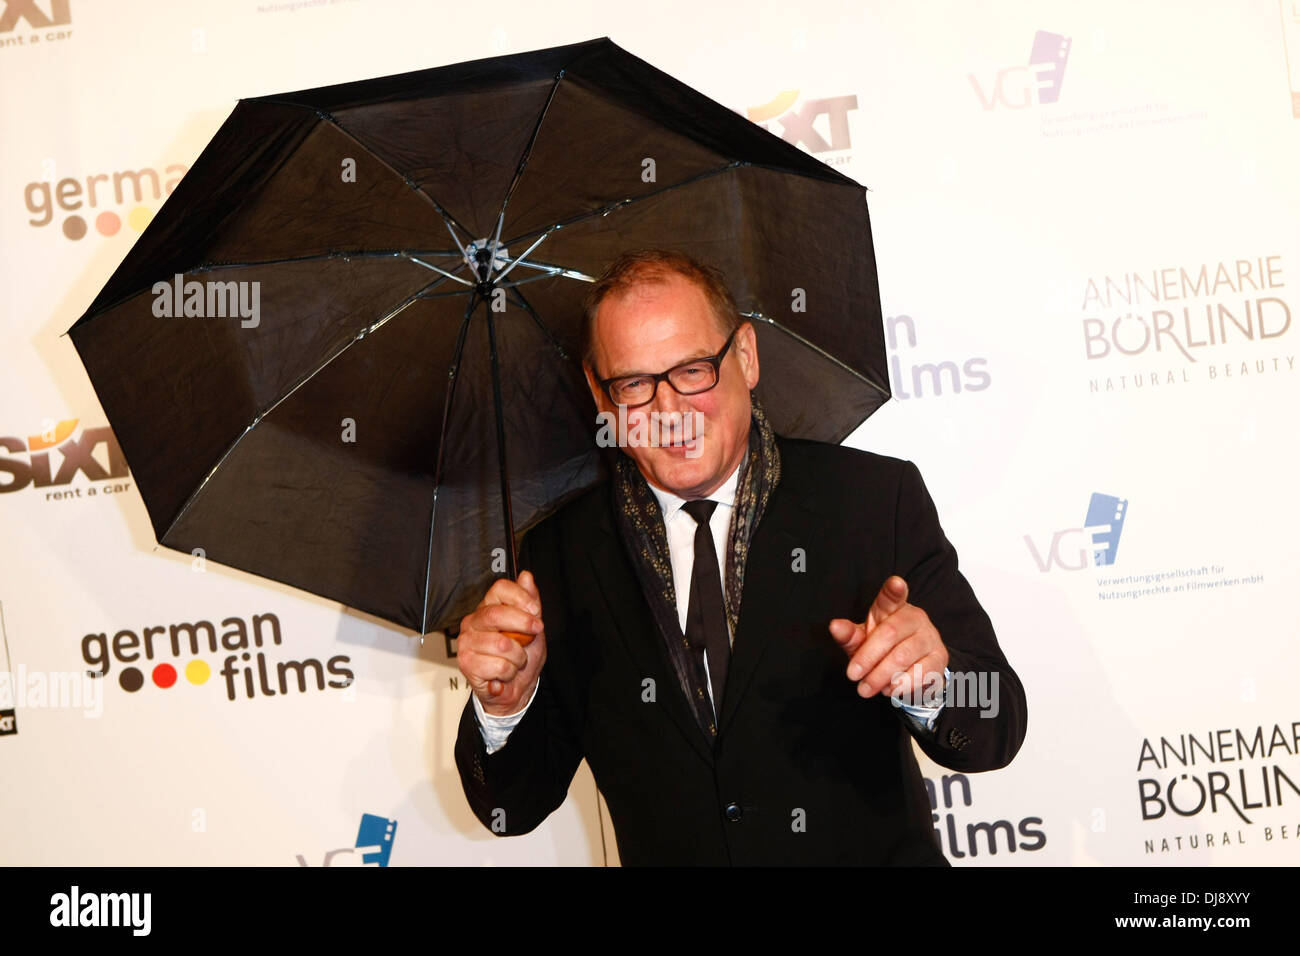 Burghart Klaußner an der deutschen Rezeption während der 65. Filmfestspiele von Cannes. Cannes, Frankreich - 21.05.2012 Stockbild